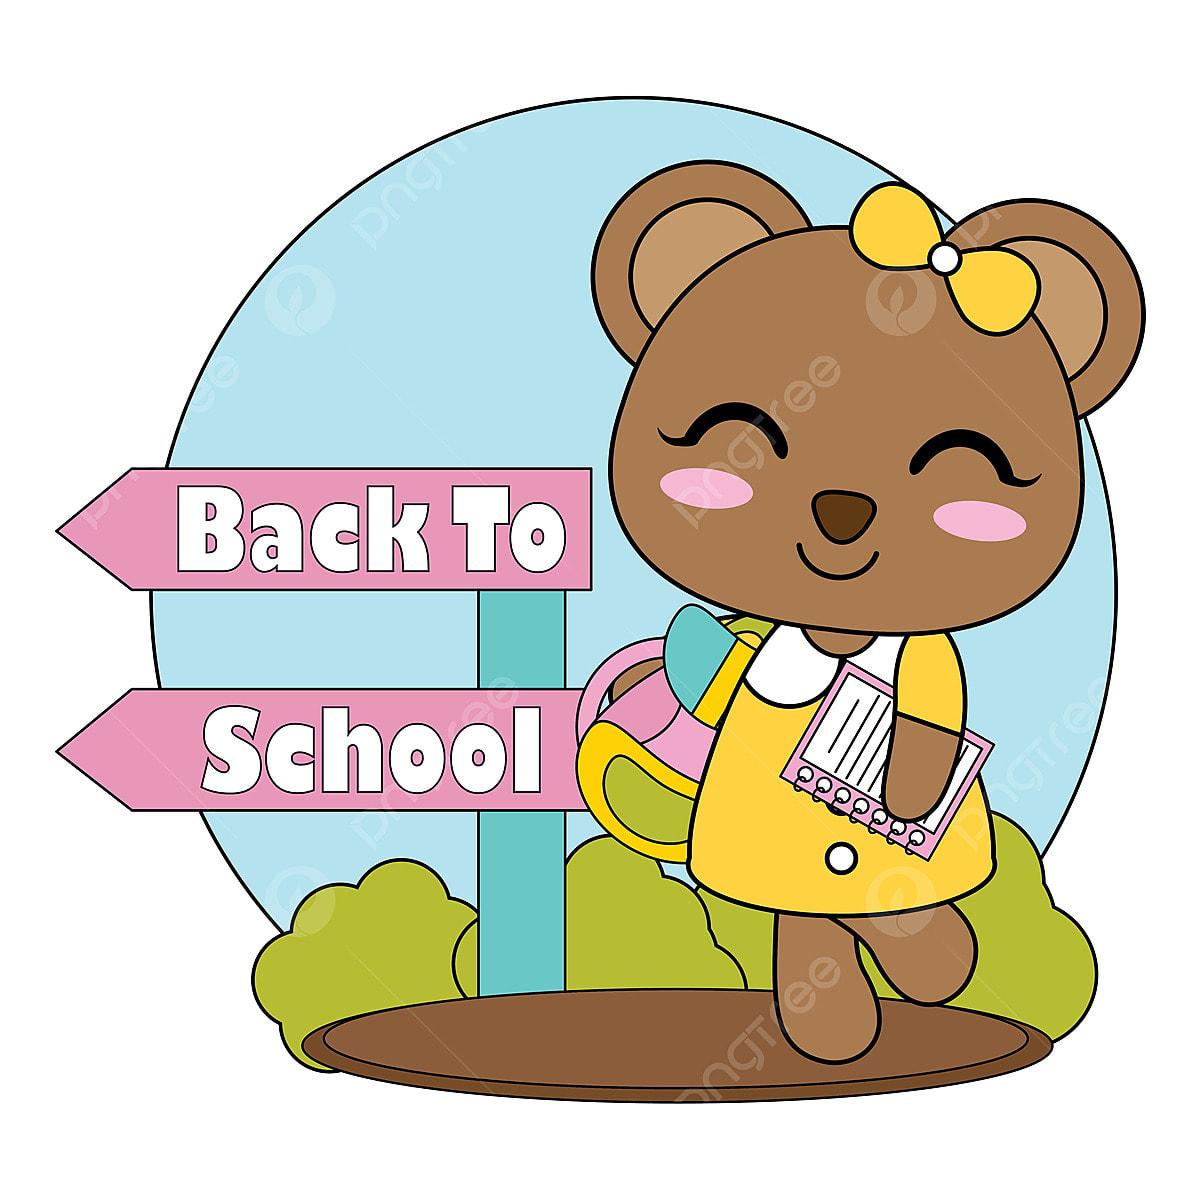 Gambar Gadis Beruang Kecil Comel Membawa Buku Dan Kembali Ke Sekolah Contoh Ilustrasi Kartun Untuk Reka Bentuk Grafik T Shirt Kanak Kanak Latar Belakang Dan Dinding Comel Seni Png Dan Vektor Untuk